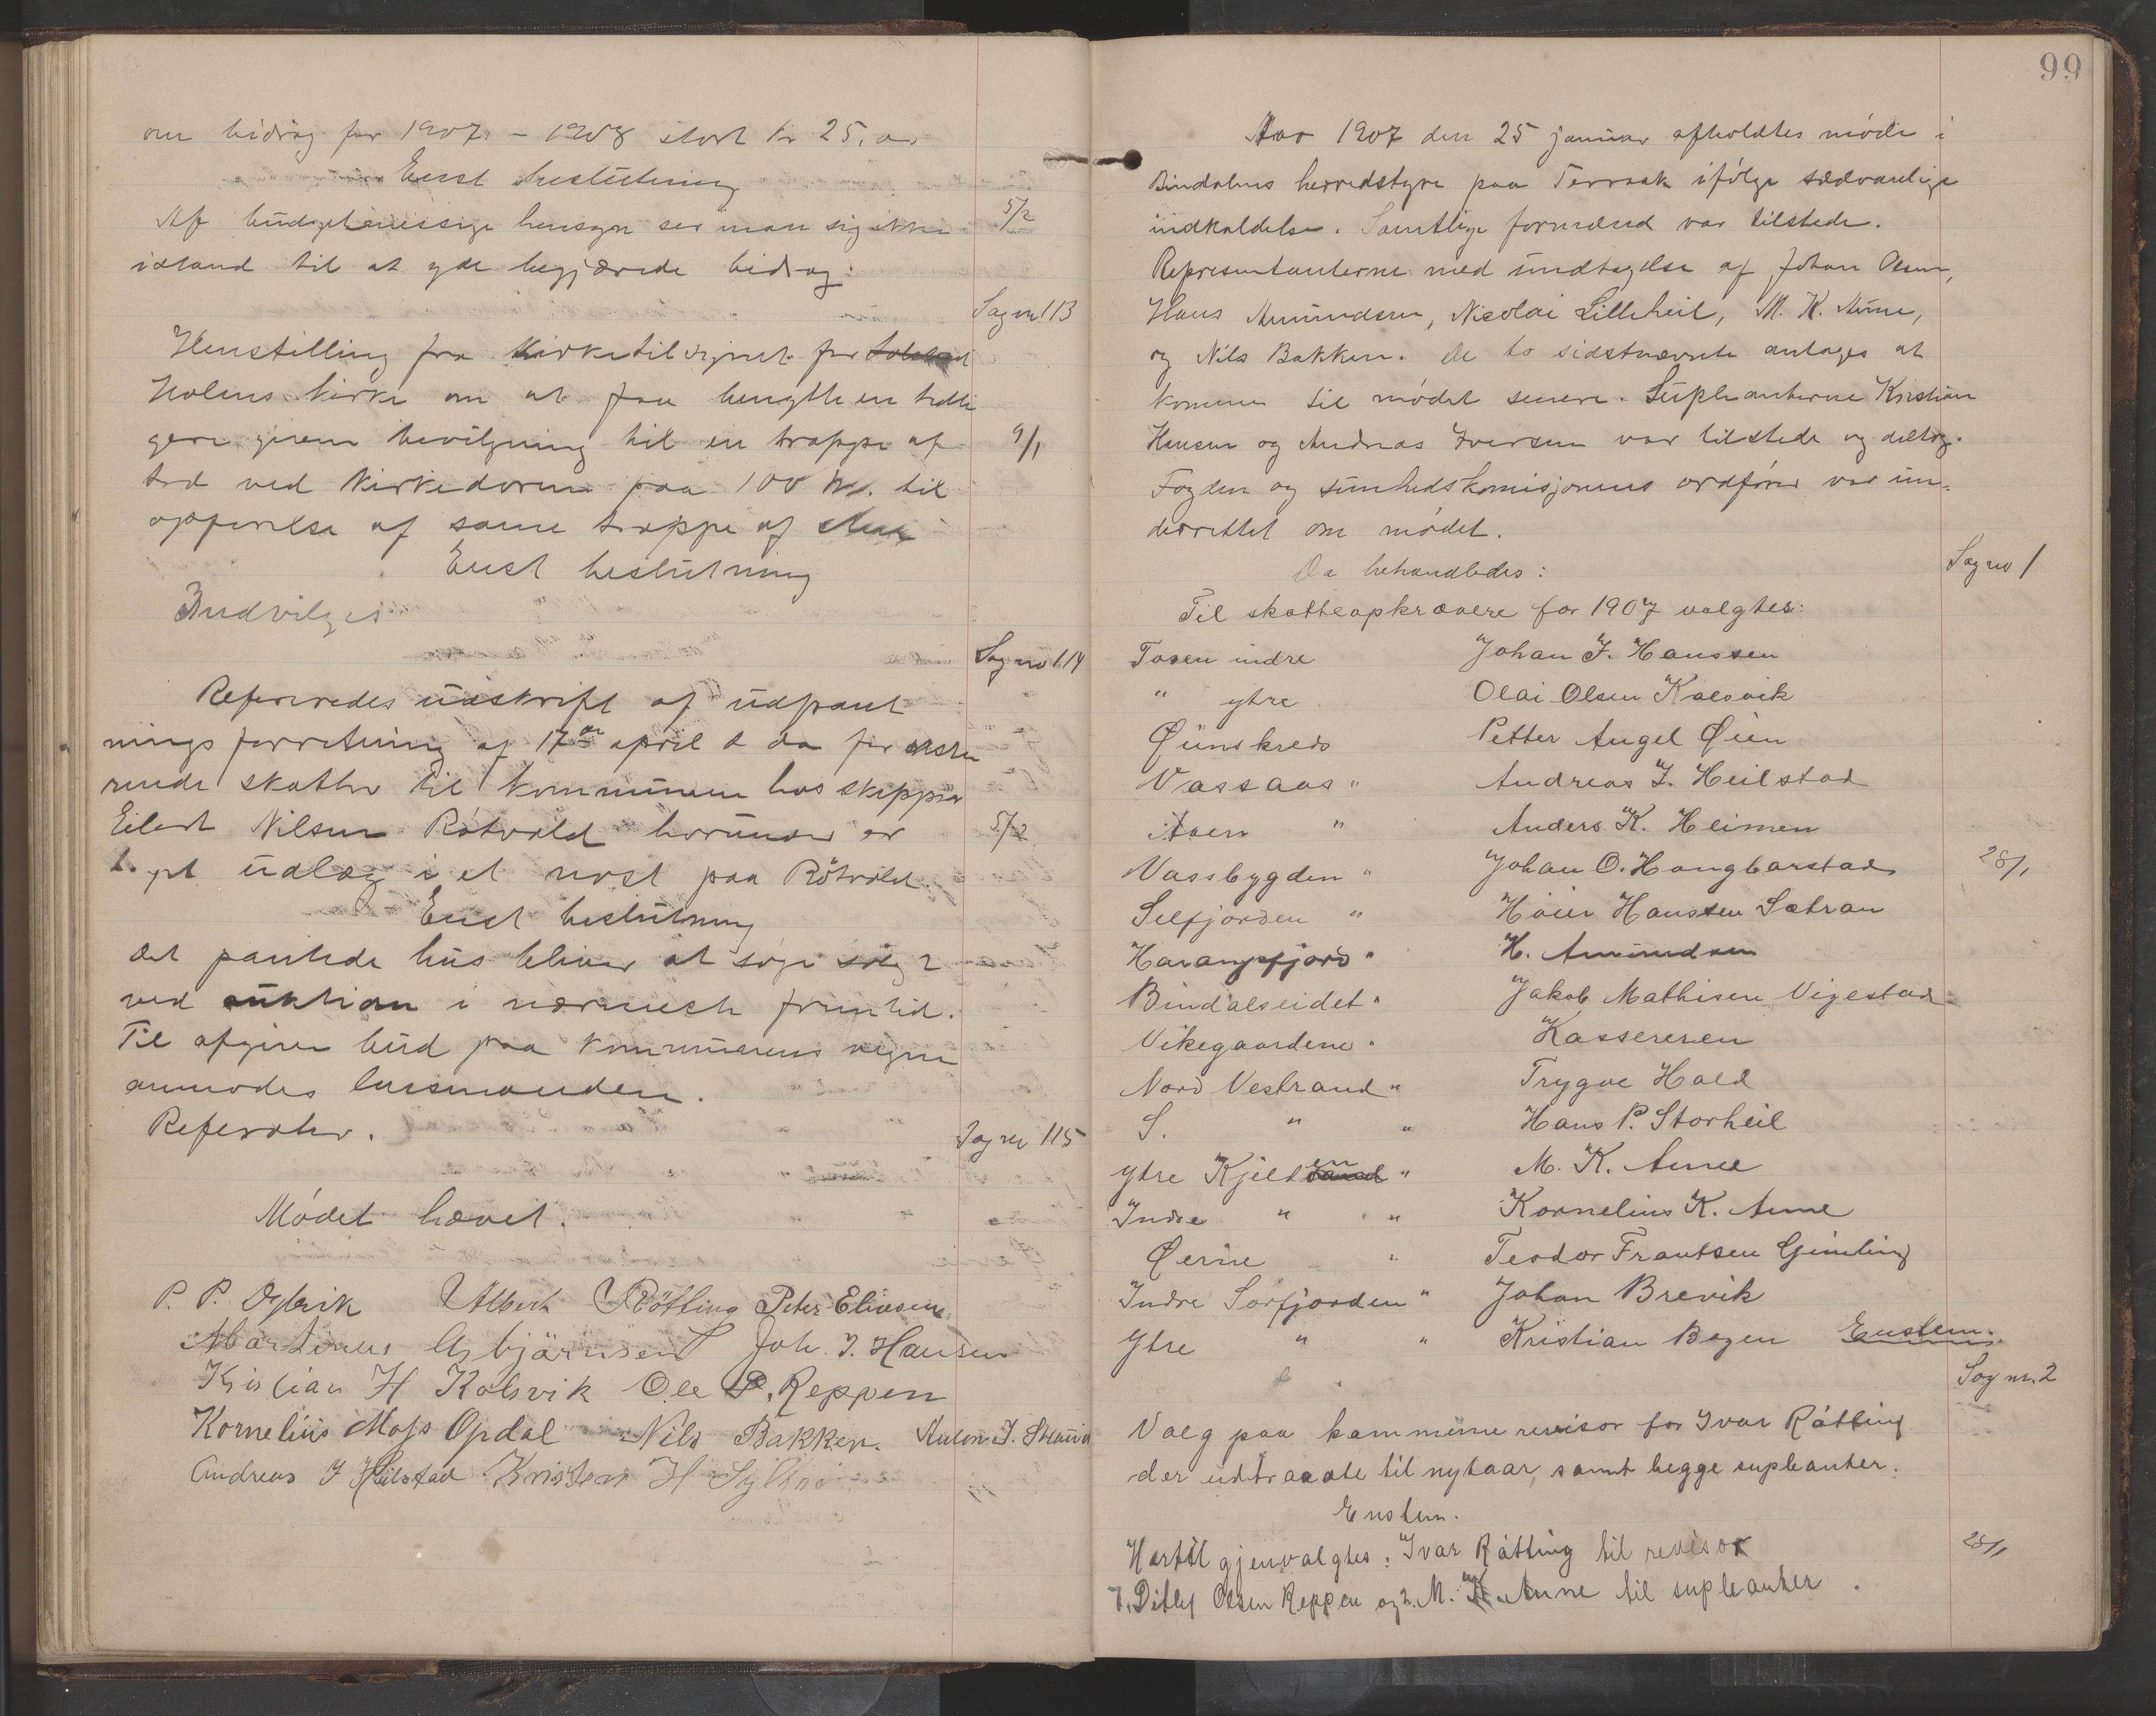 AIN, Bindal kommune. Formannskapet, A/Aa/L0000e: Møtebok, 1903-1914, s. 99